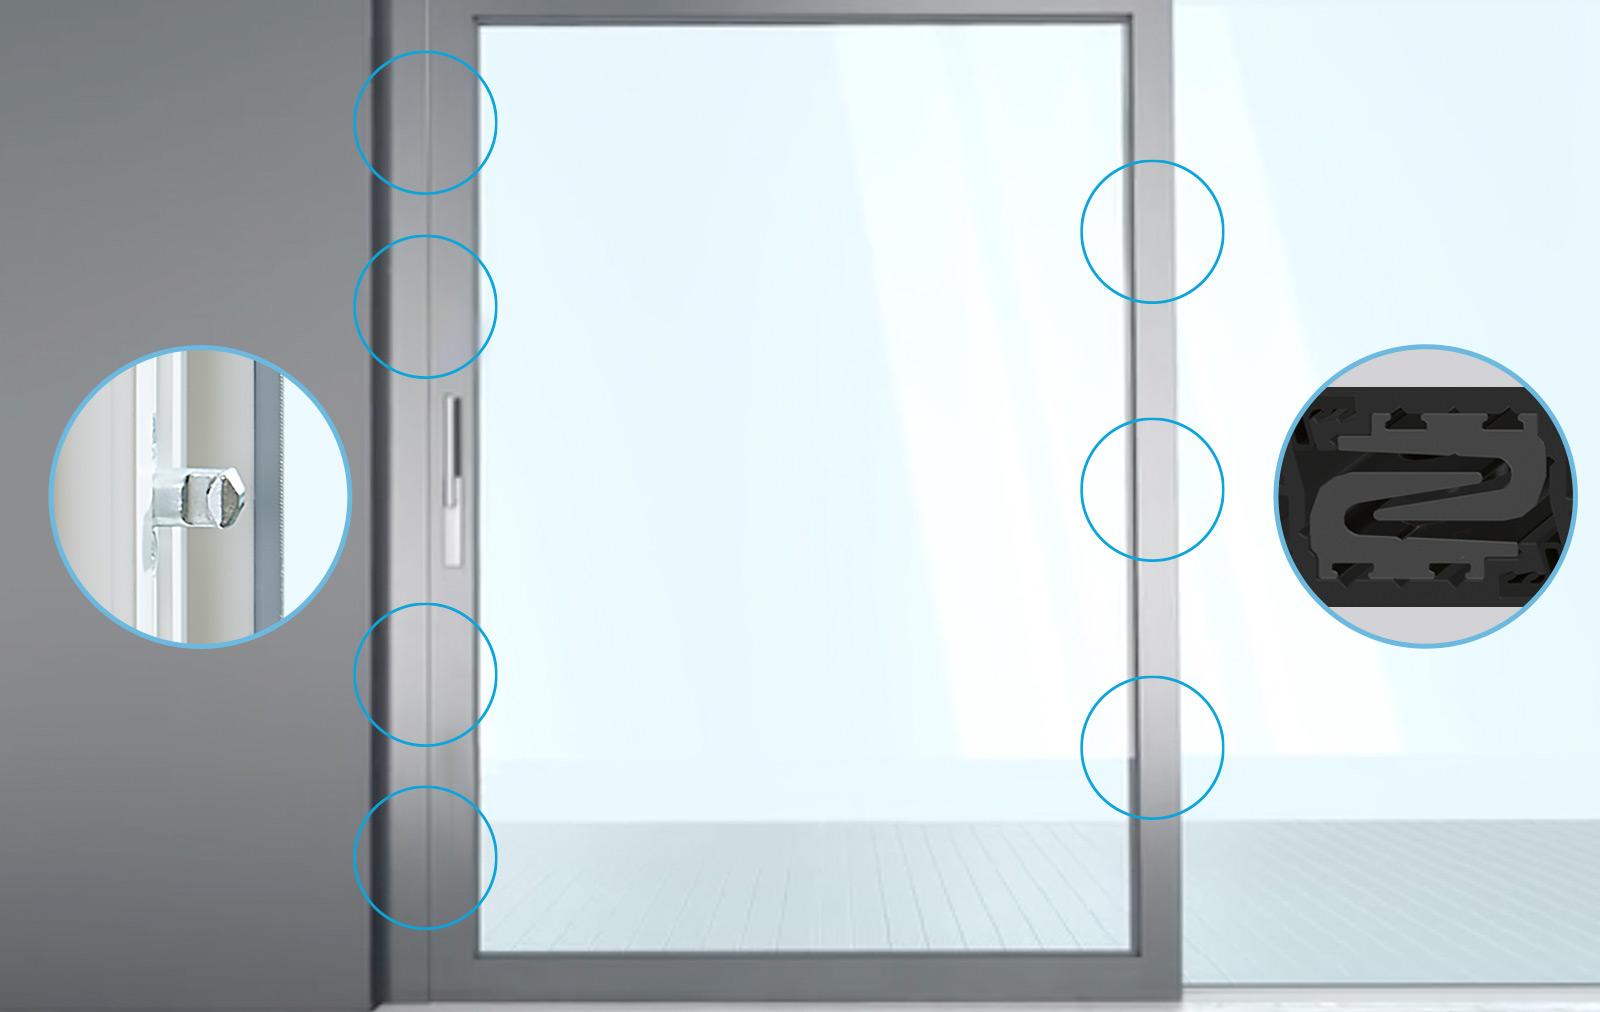 Full Size of Fenster Einbruchschutz Nachrüsten Sichere Velux Ersatzteile Einbruchsicher Rundes Sichtschutzfolien Für Anthrazit Rolladen Einbruchschutzfolie Fenster Fenster Einbruchschutz Nachrüsten